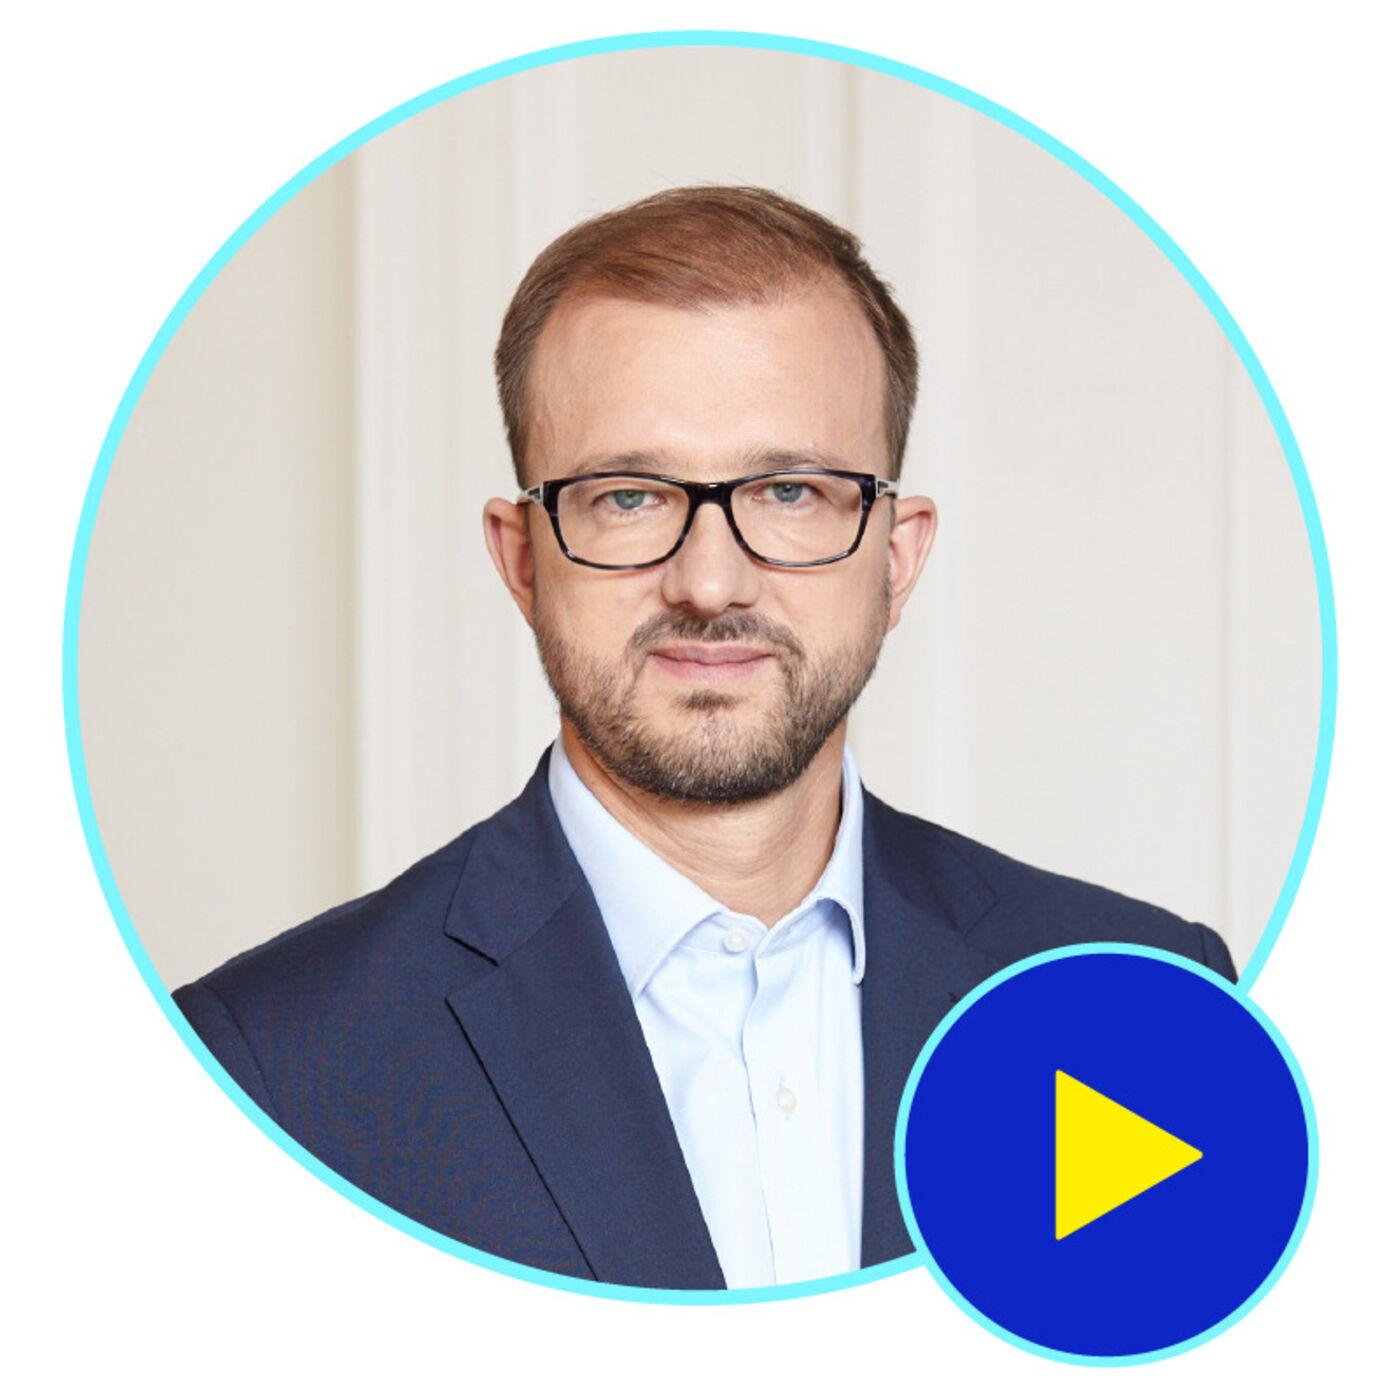 Brak zaufania jest wciąż bolączką polskiej nauki - gość Piotr Dardziński